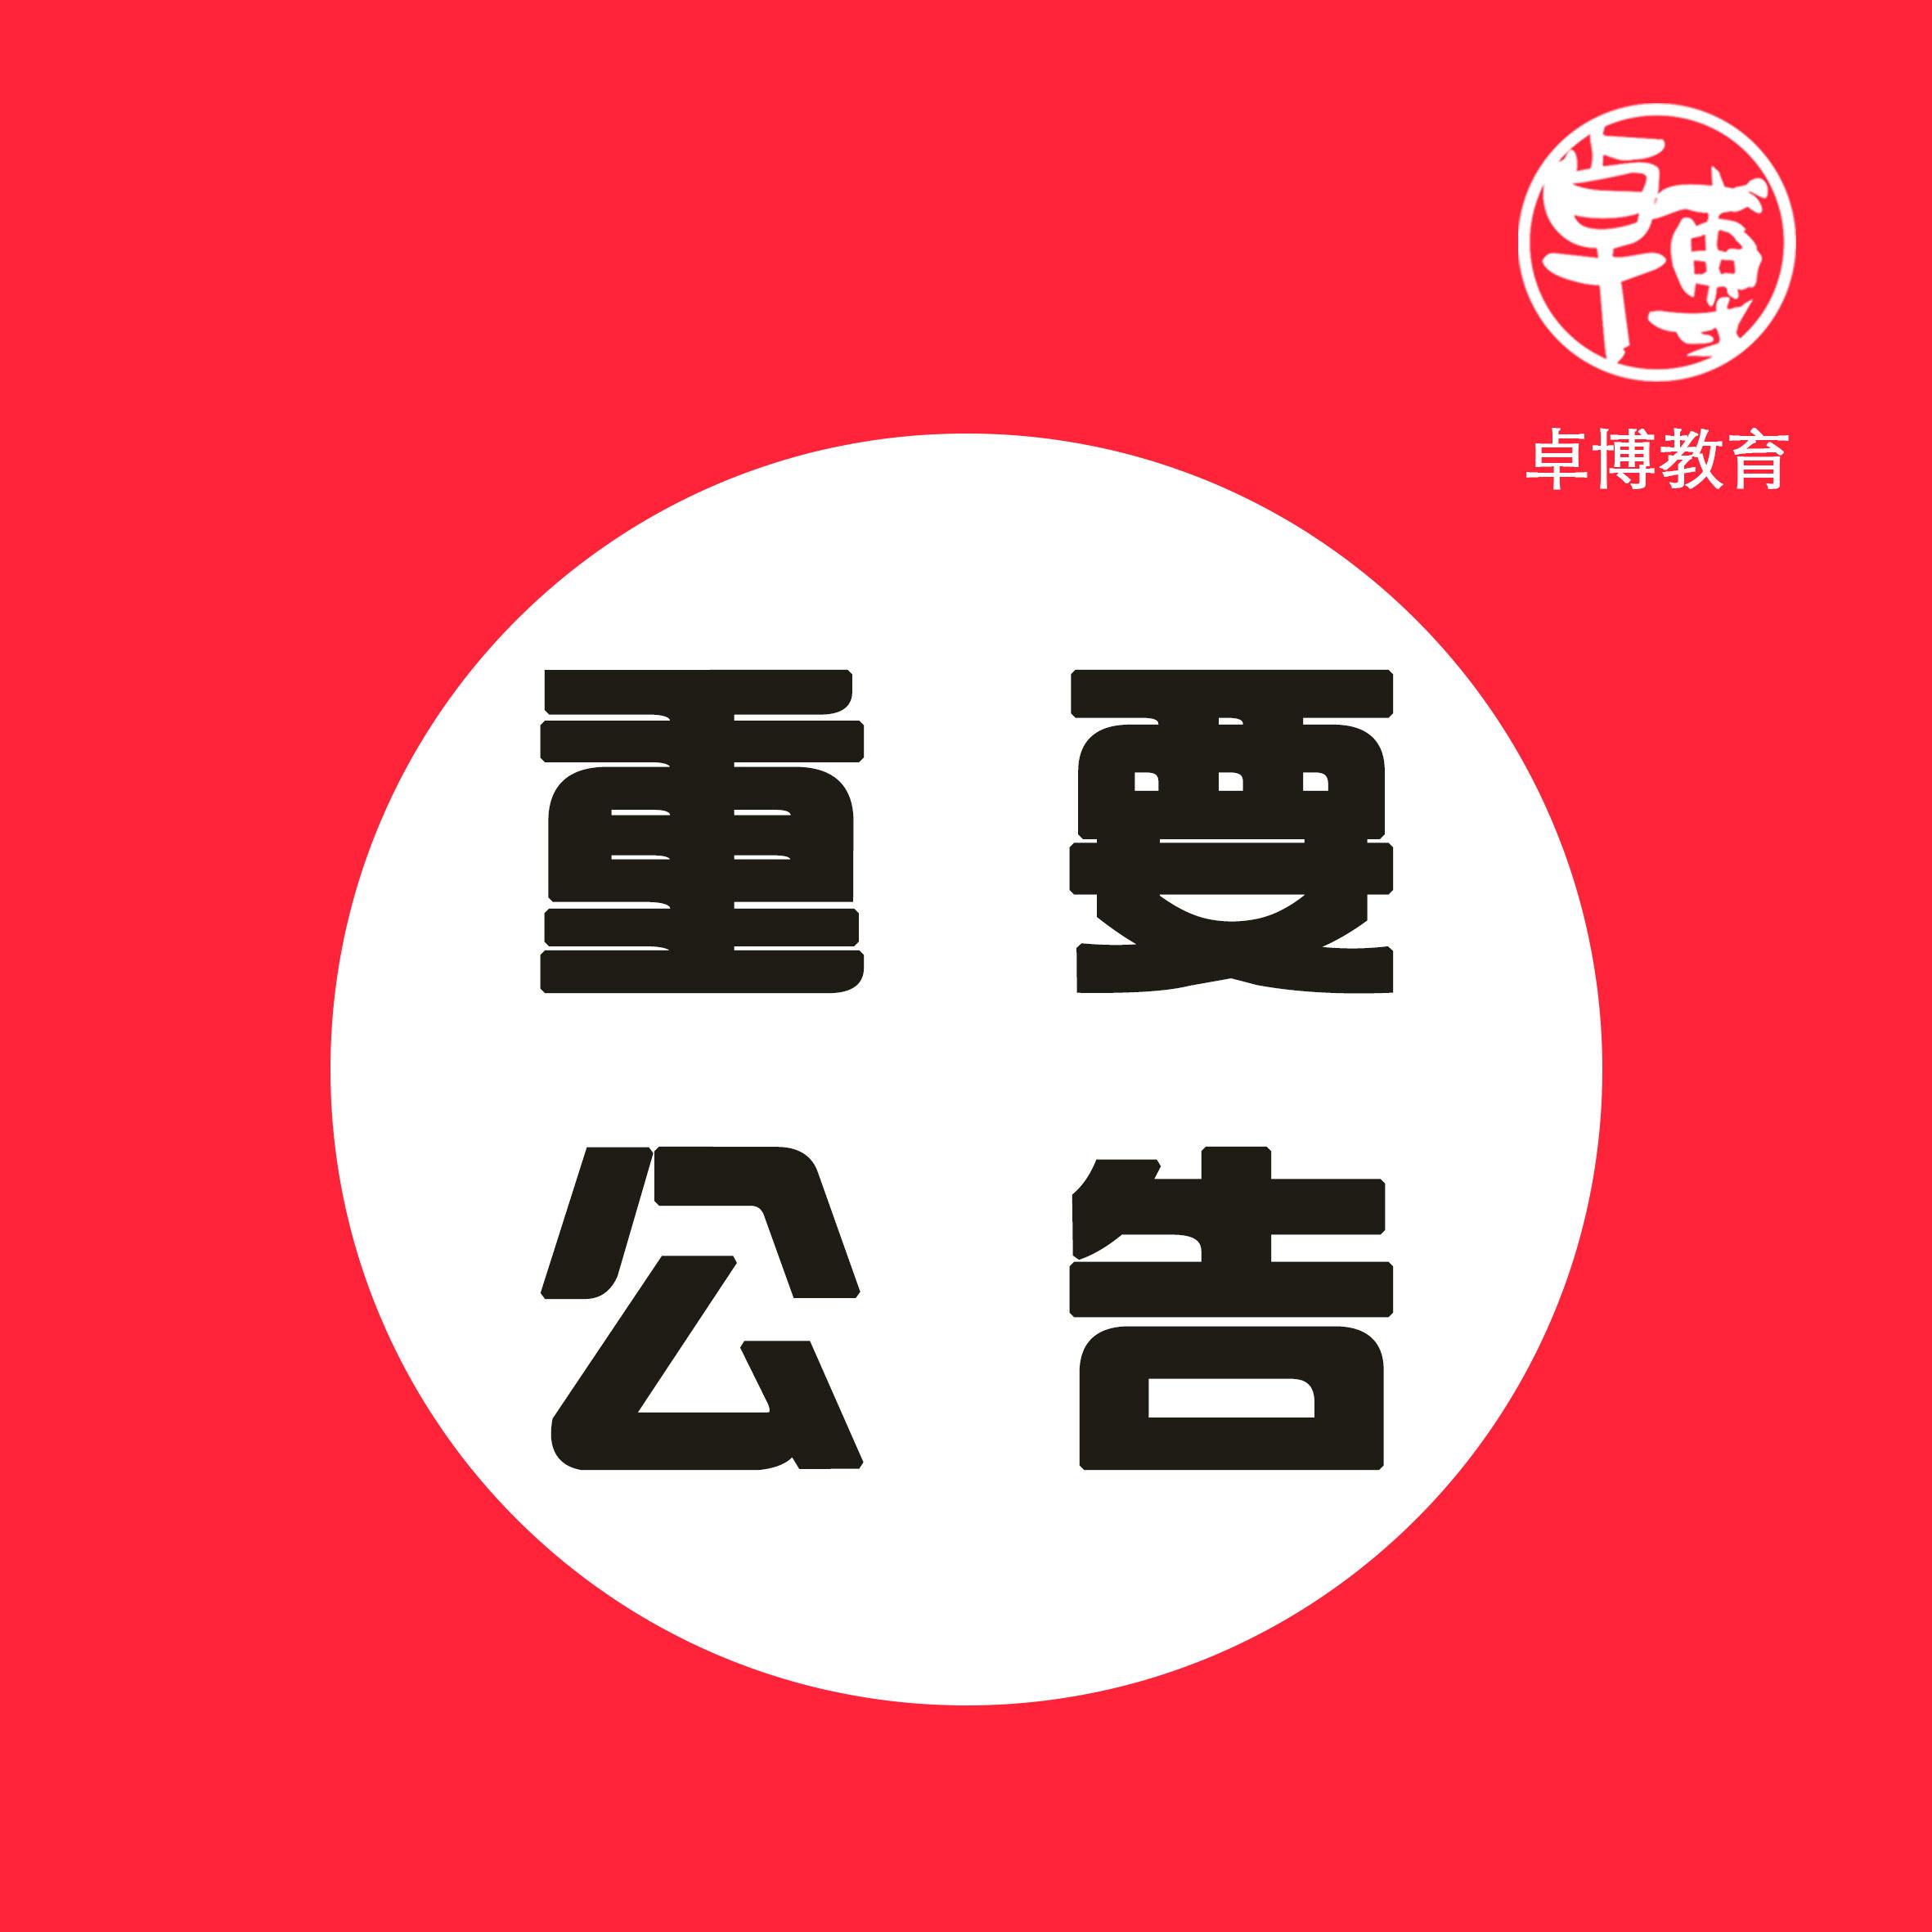 2020年贵州省第一批特岗教师招聘计划